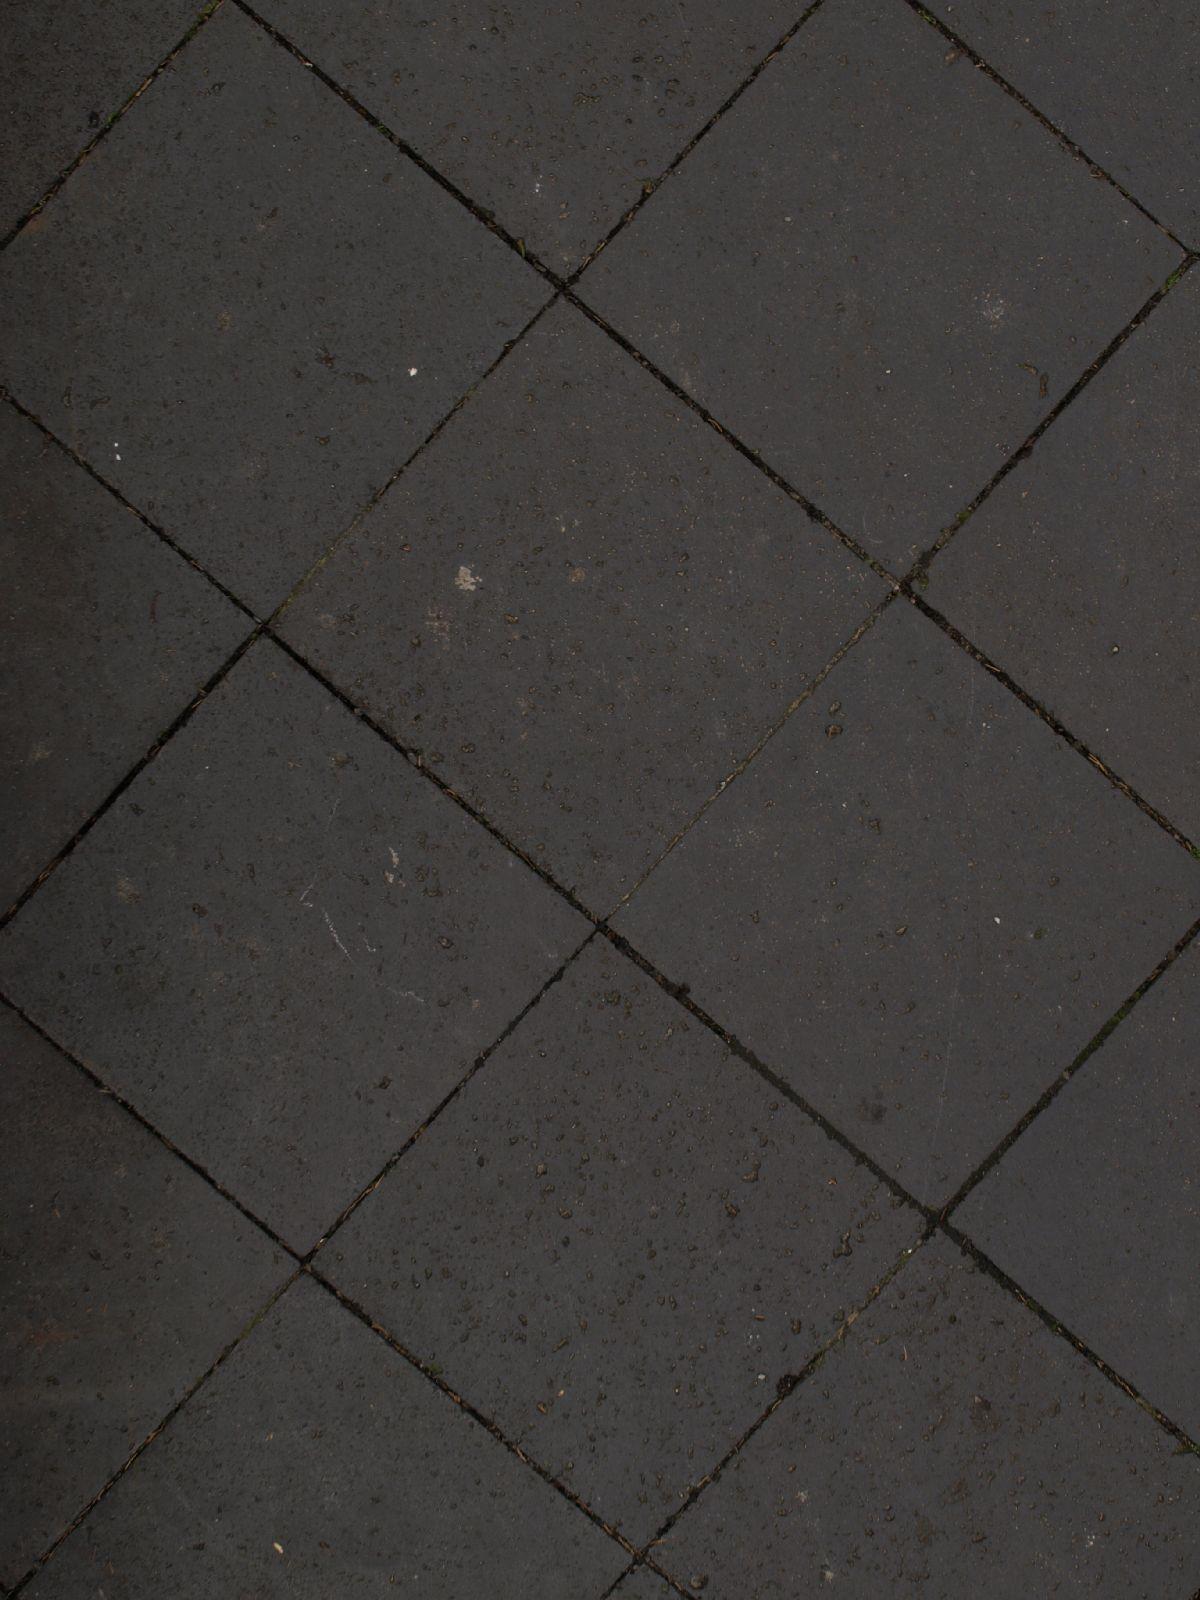 Boden-Gehweg-Strasse-Buergersteig-Textur_A_P4110624